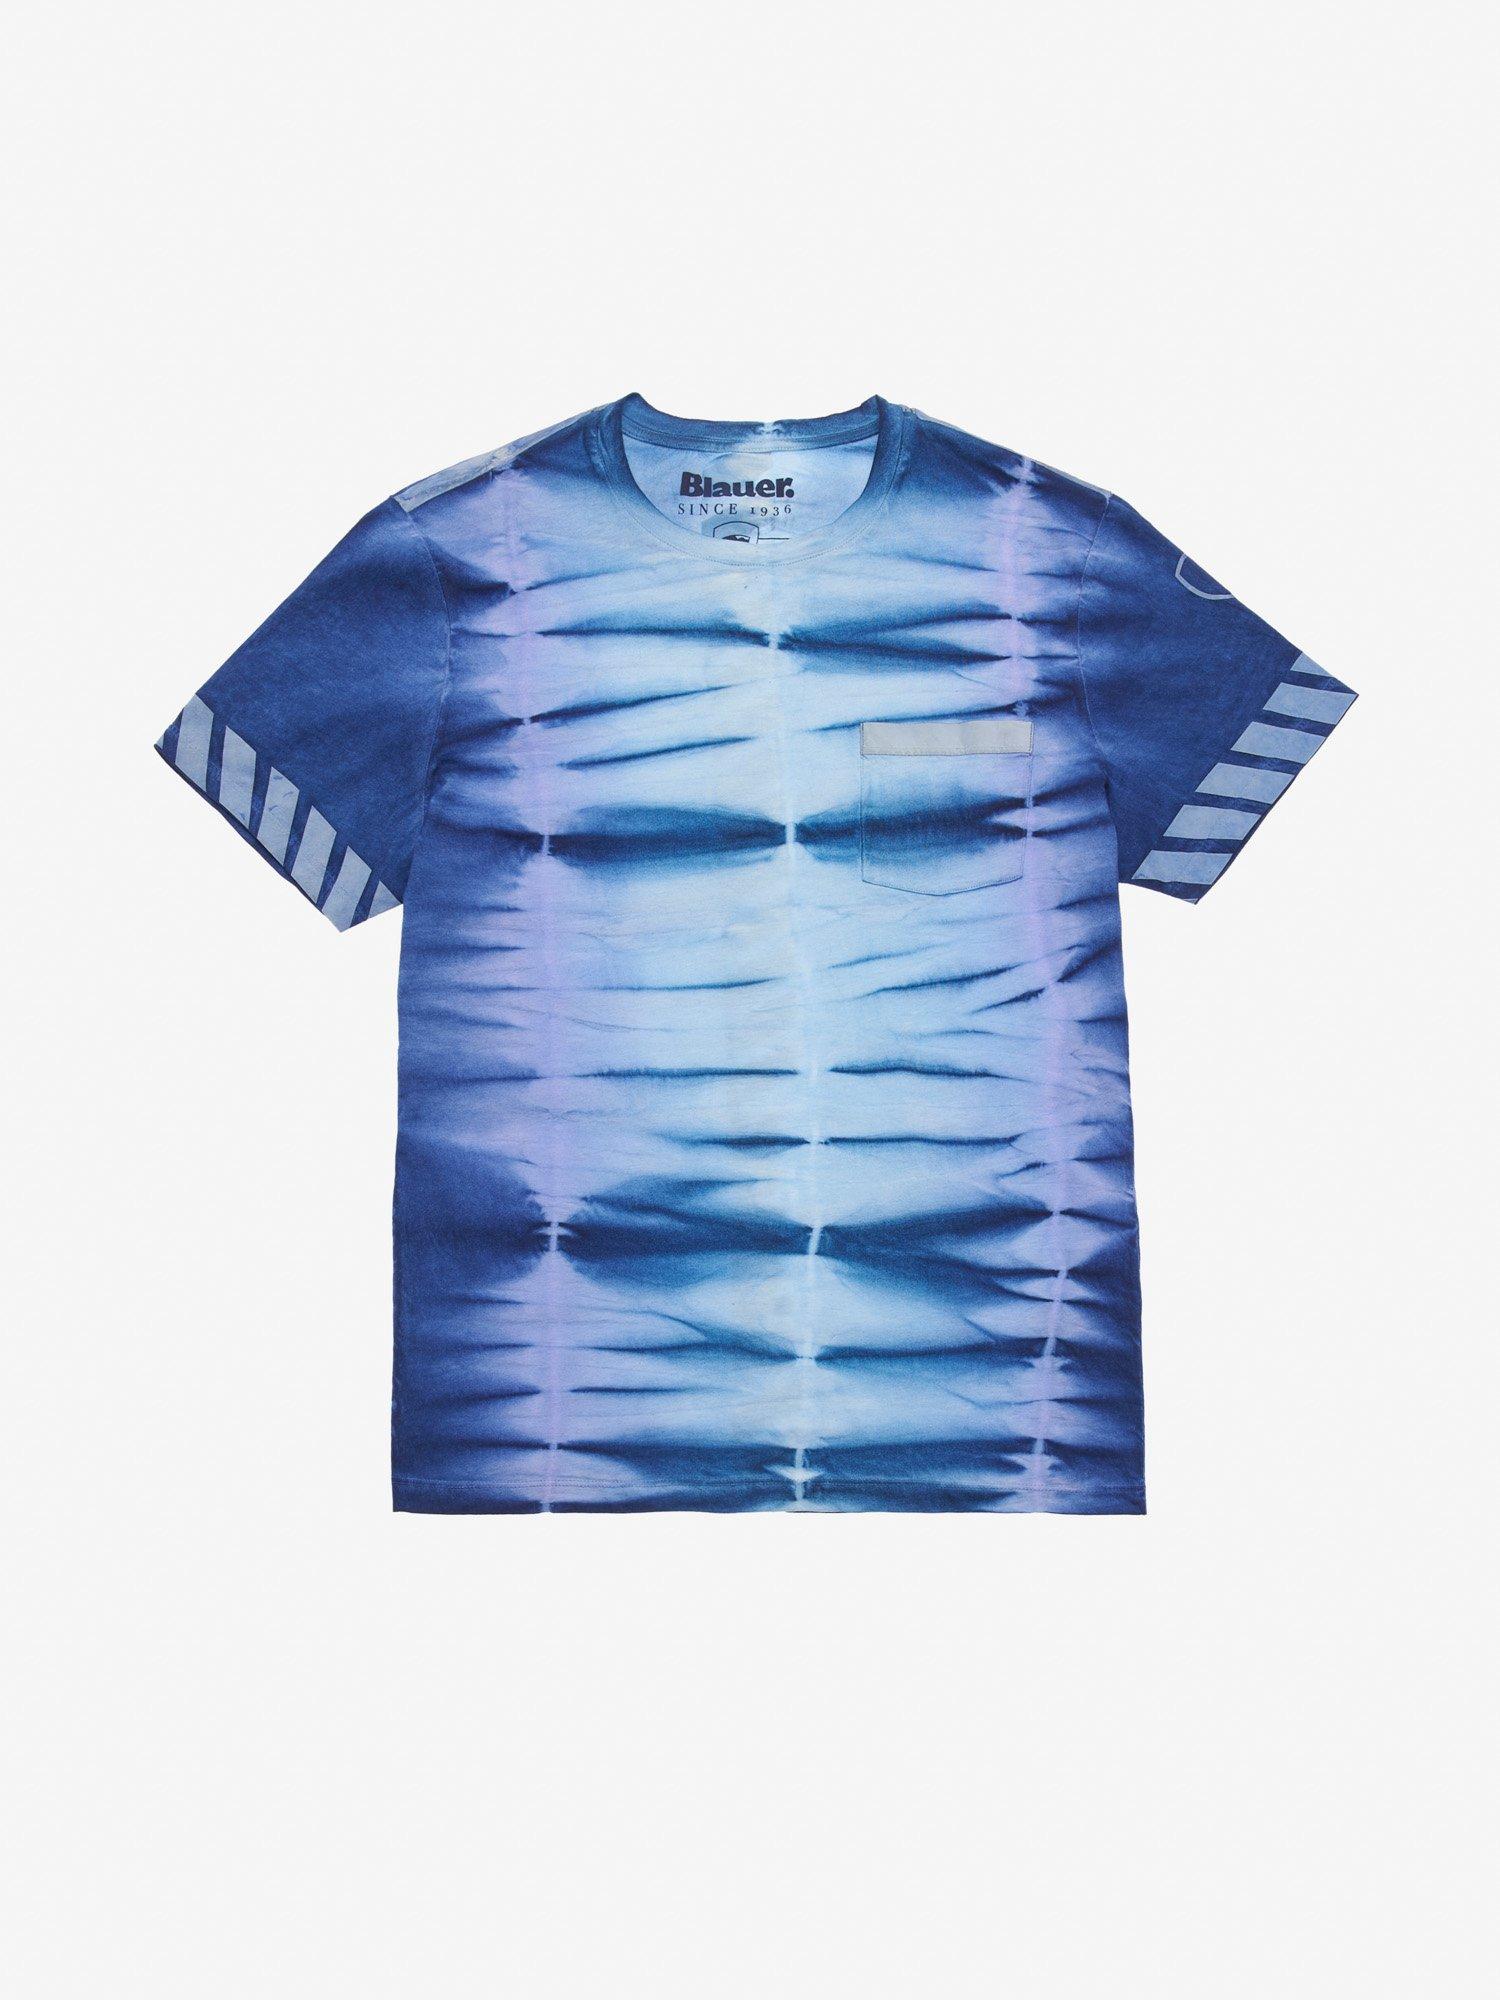 Blauer - T-SHIRT HERREN TIE AND DYE REFLEKTIEREND - Ultramarinblau - Blauer